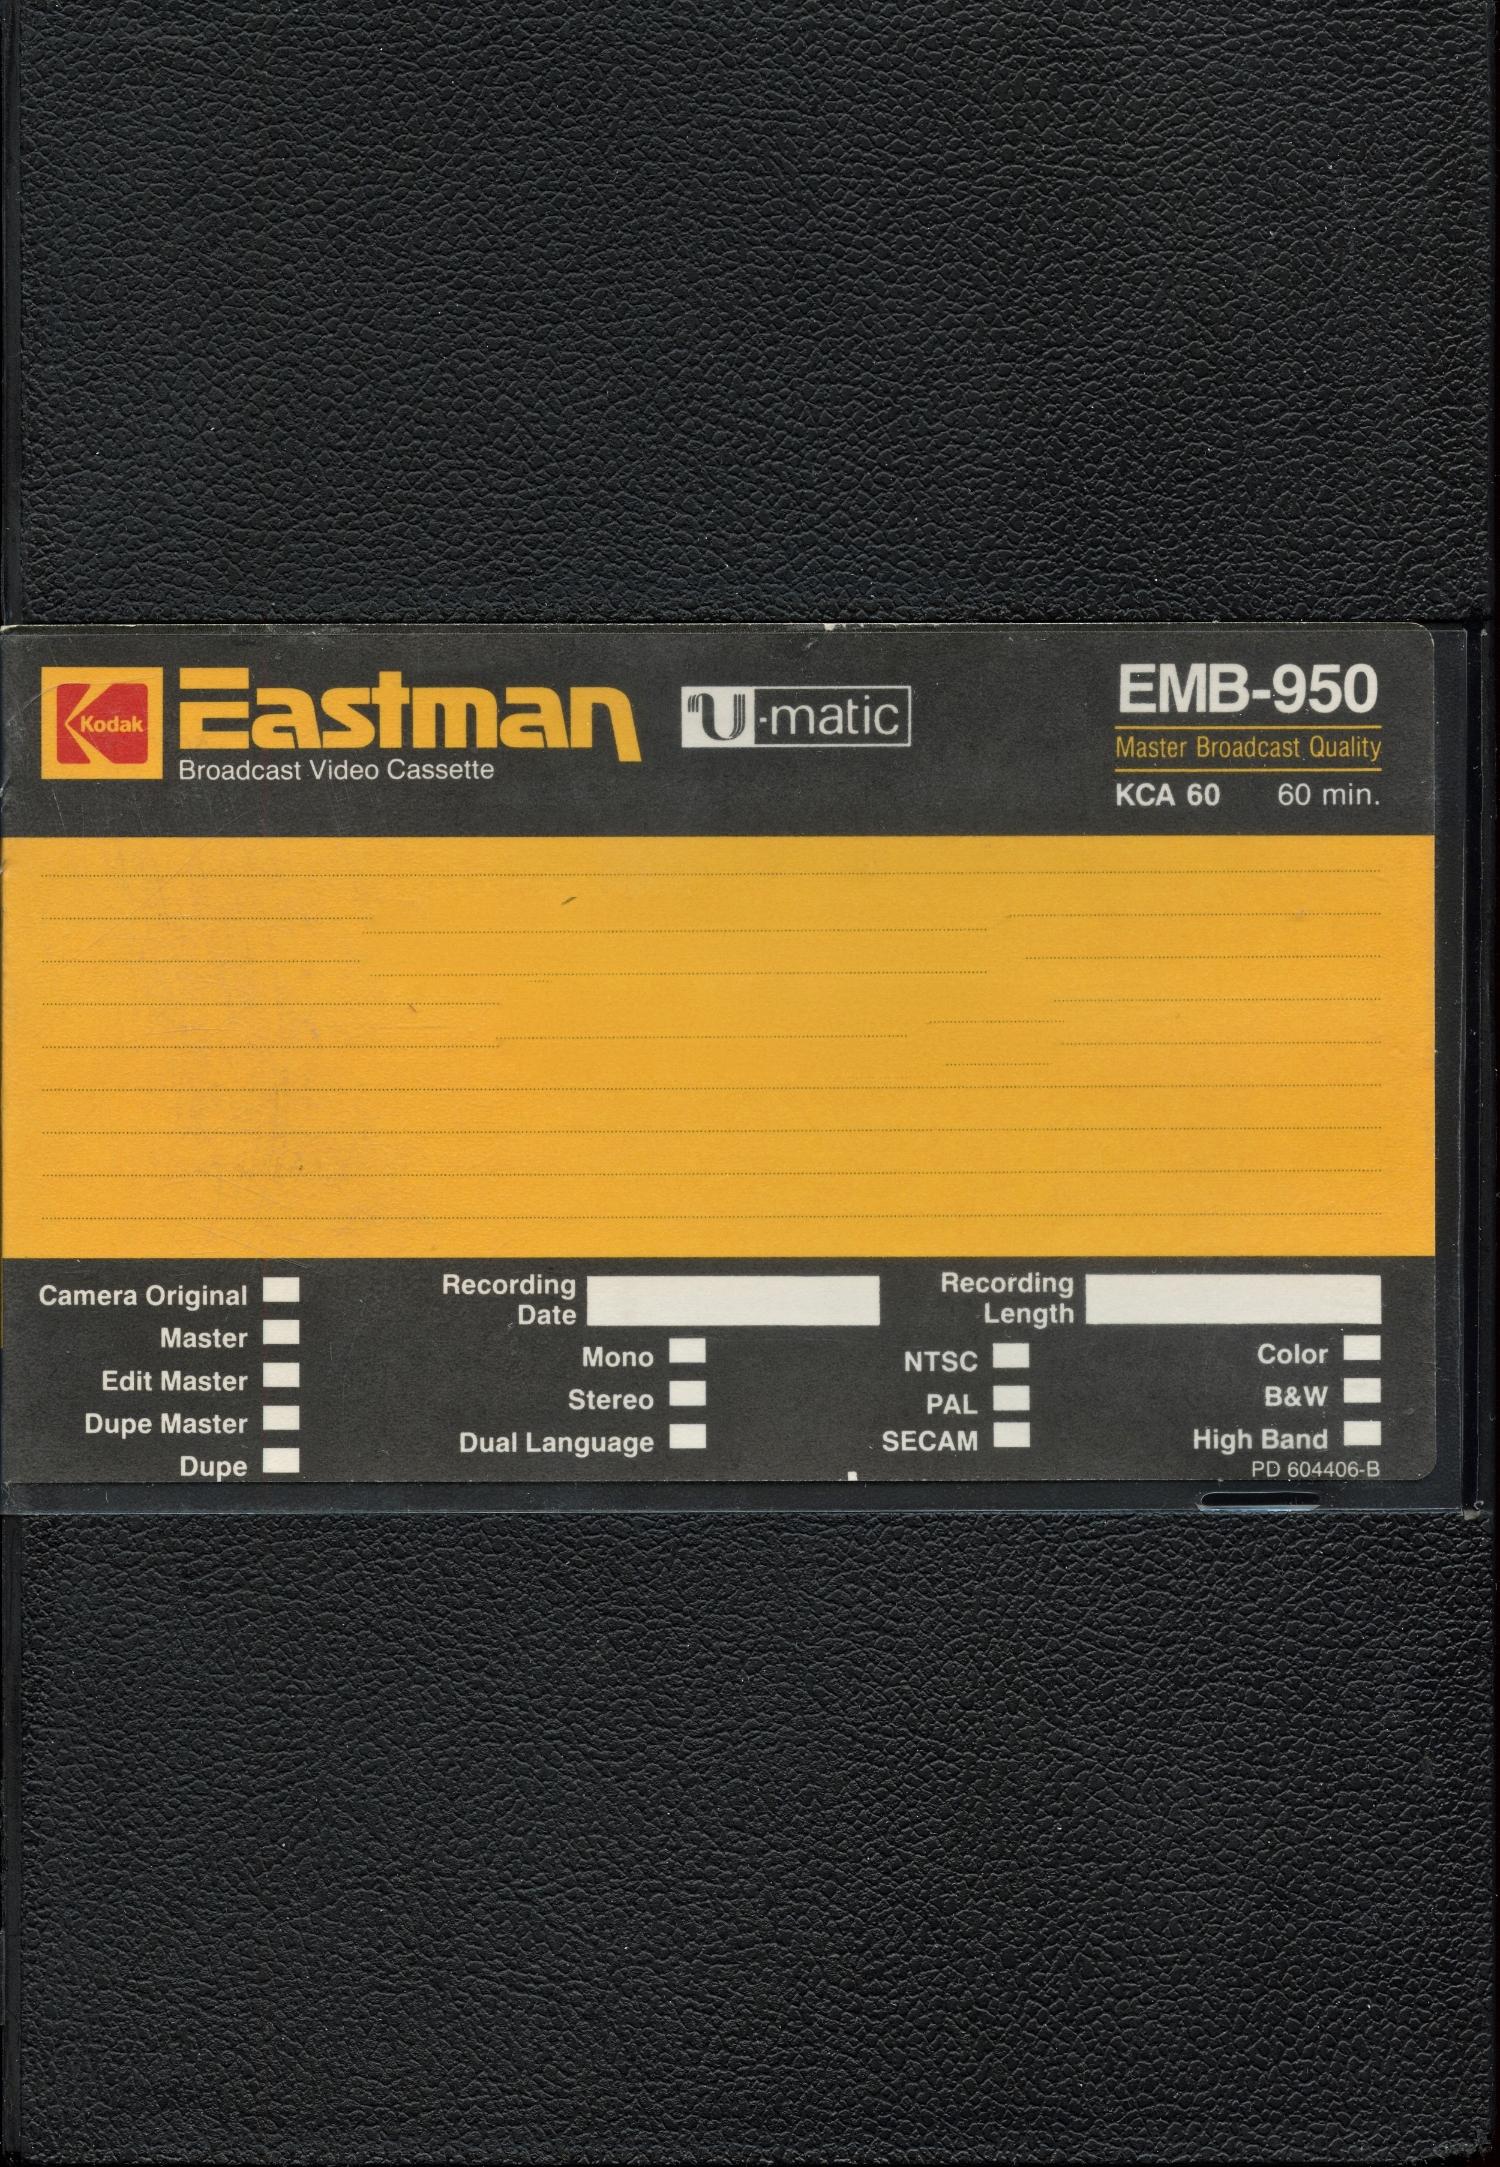 Eastman KCA-60 Umatic